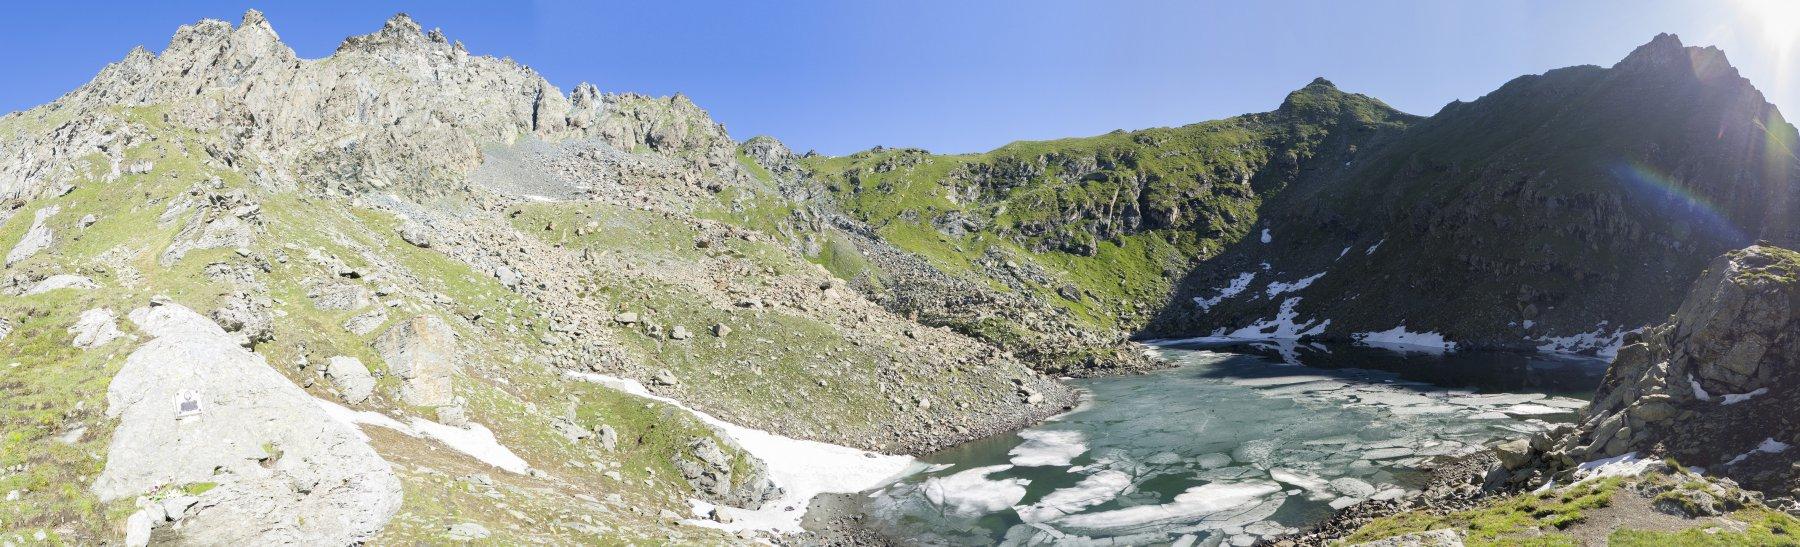 vista dalla cresta dal lago, attacco sul colle a destra